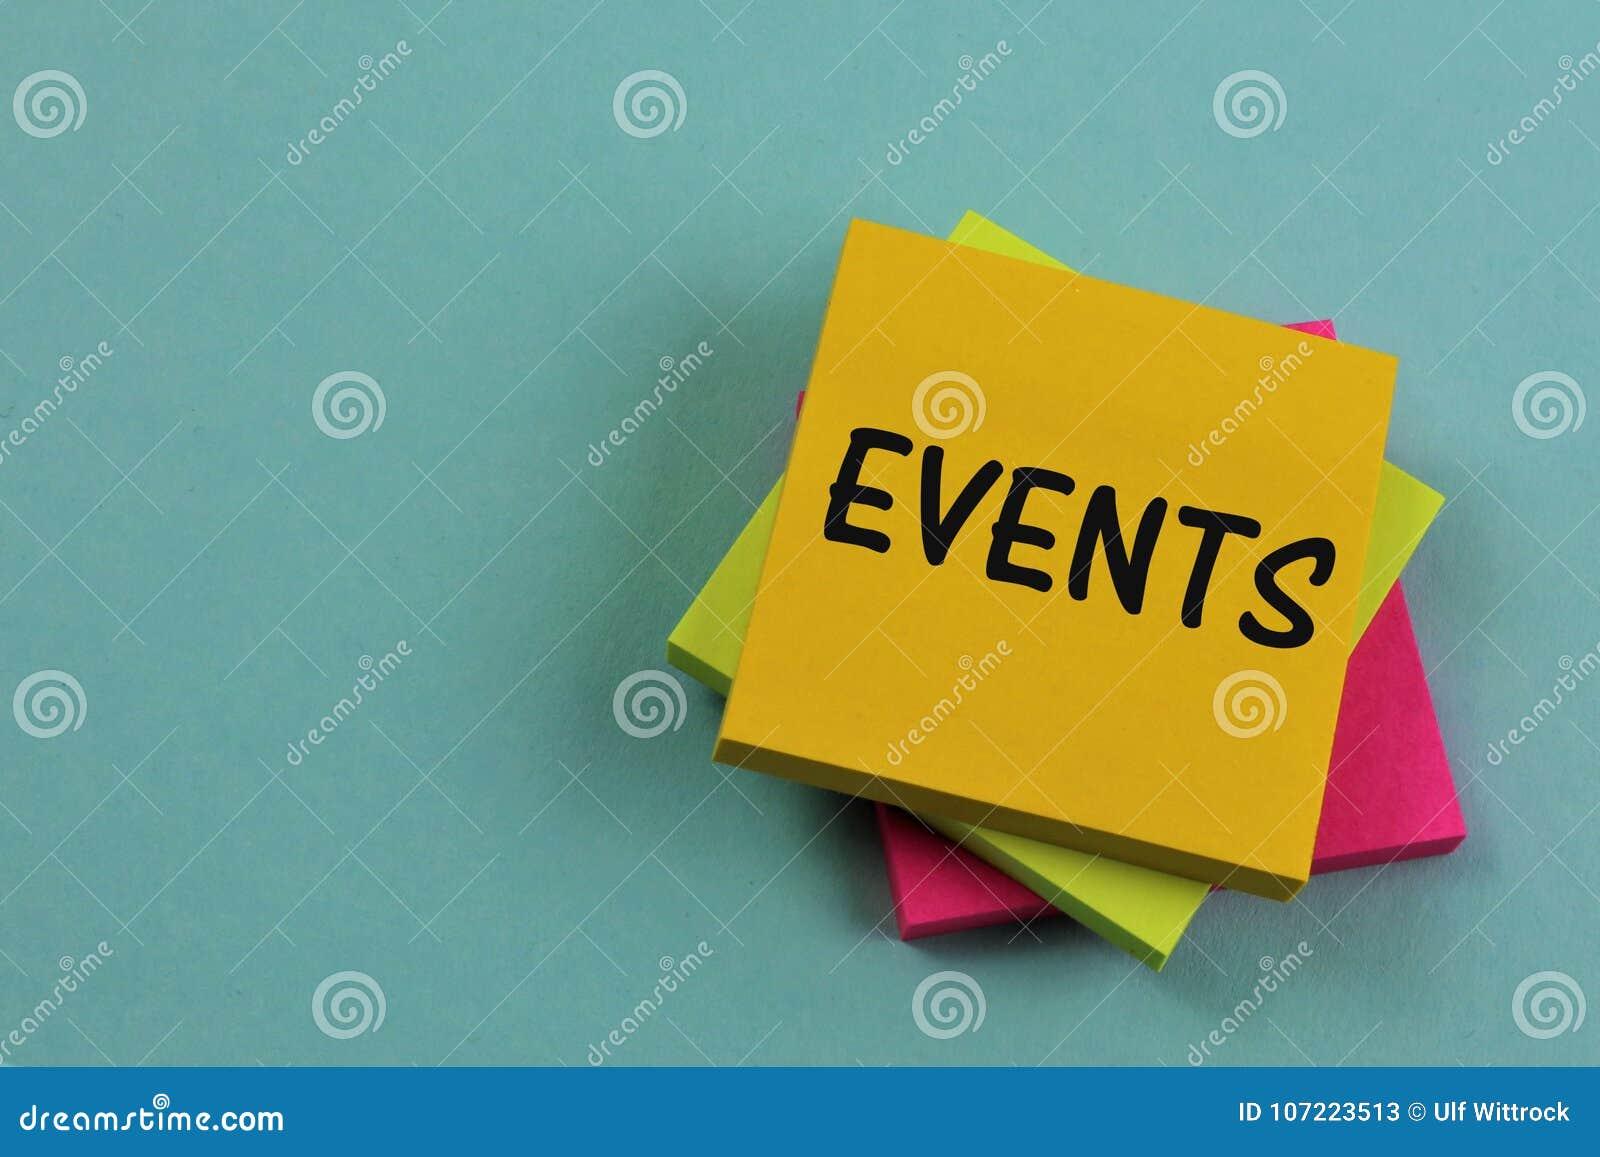 Un immagine di concetto di una nota di eventi, ufficio